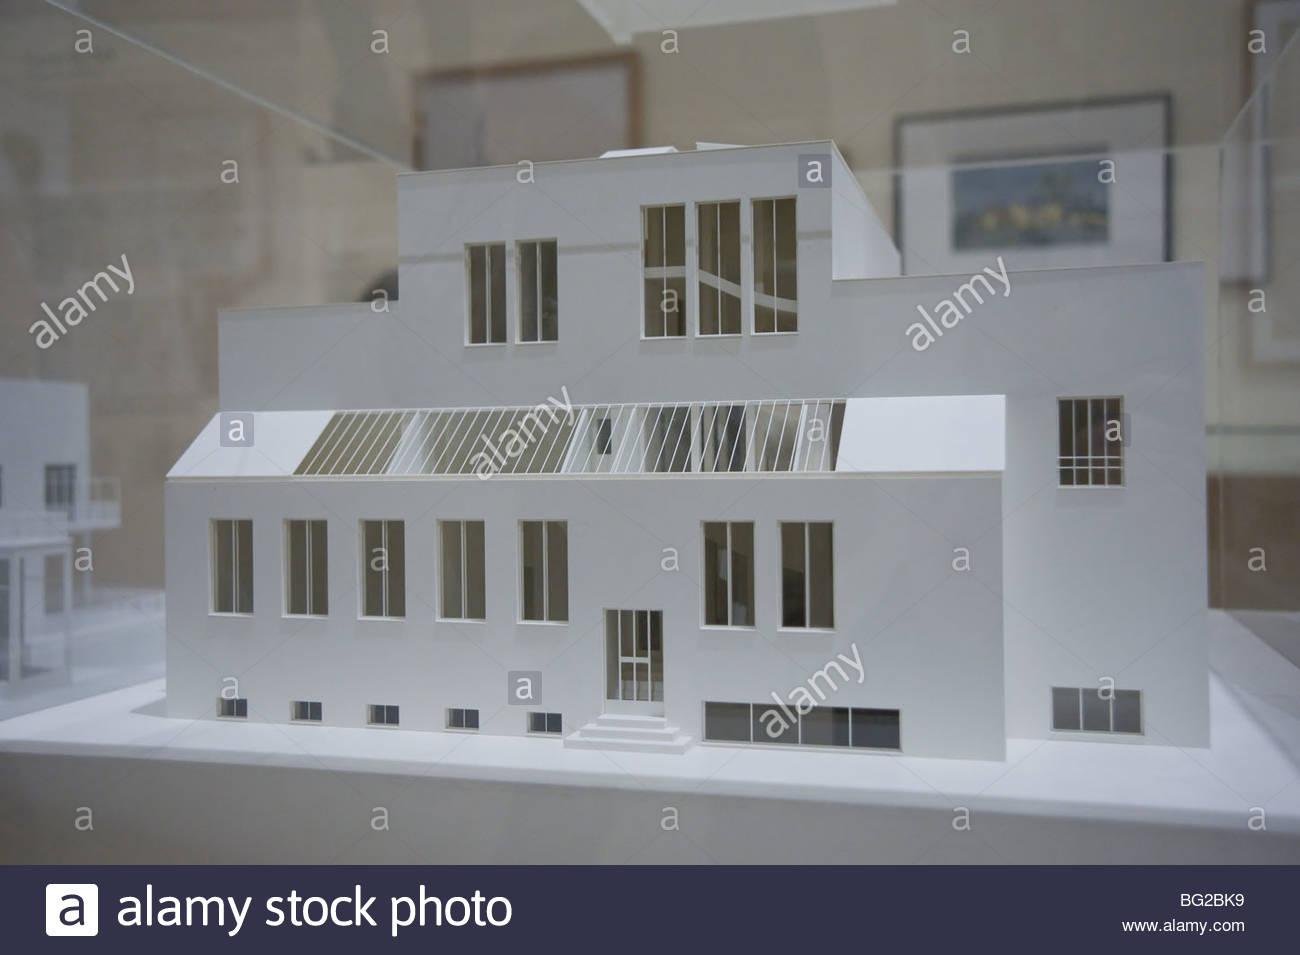 Wien, Wittgensteinhaus - Stock Image